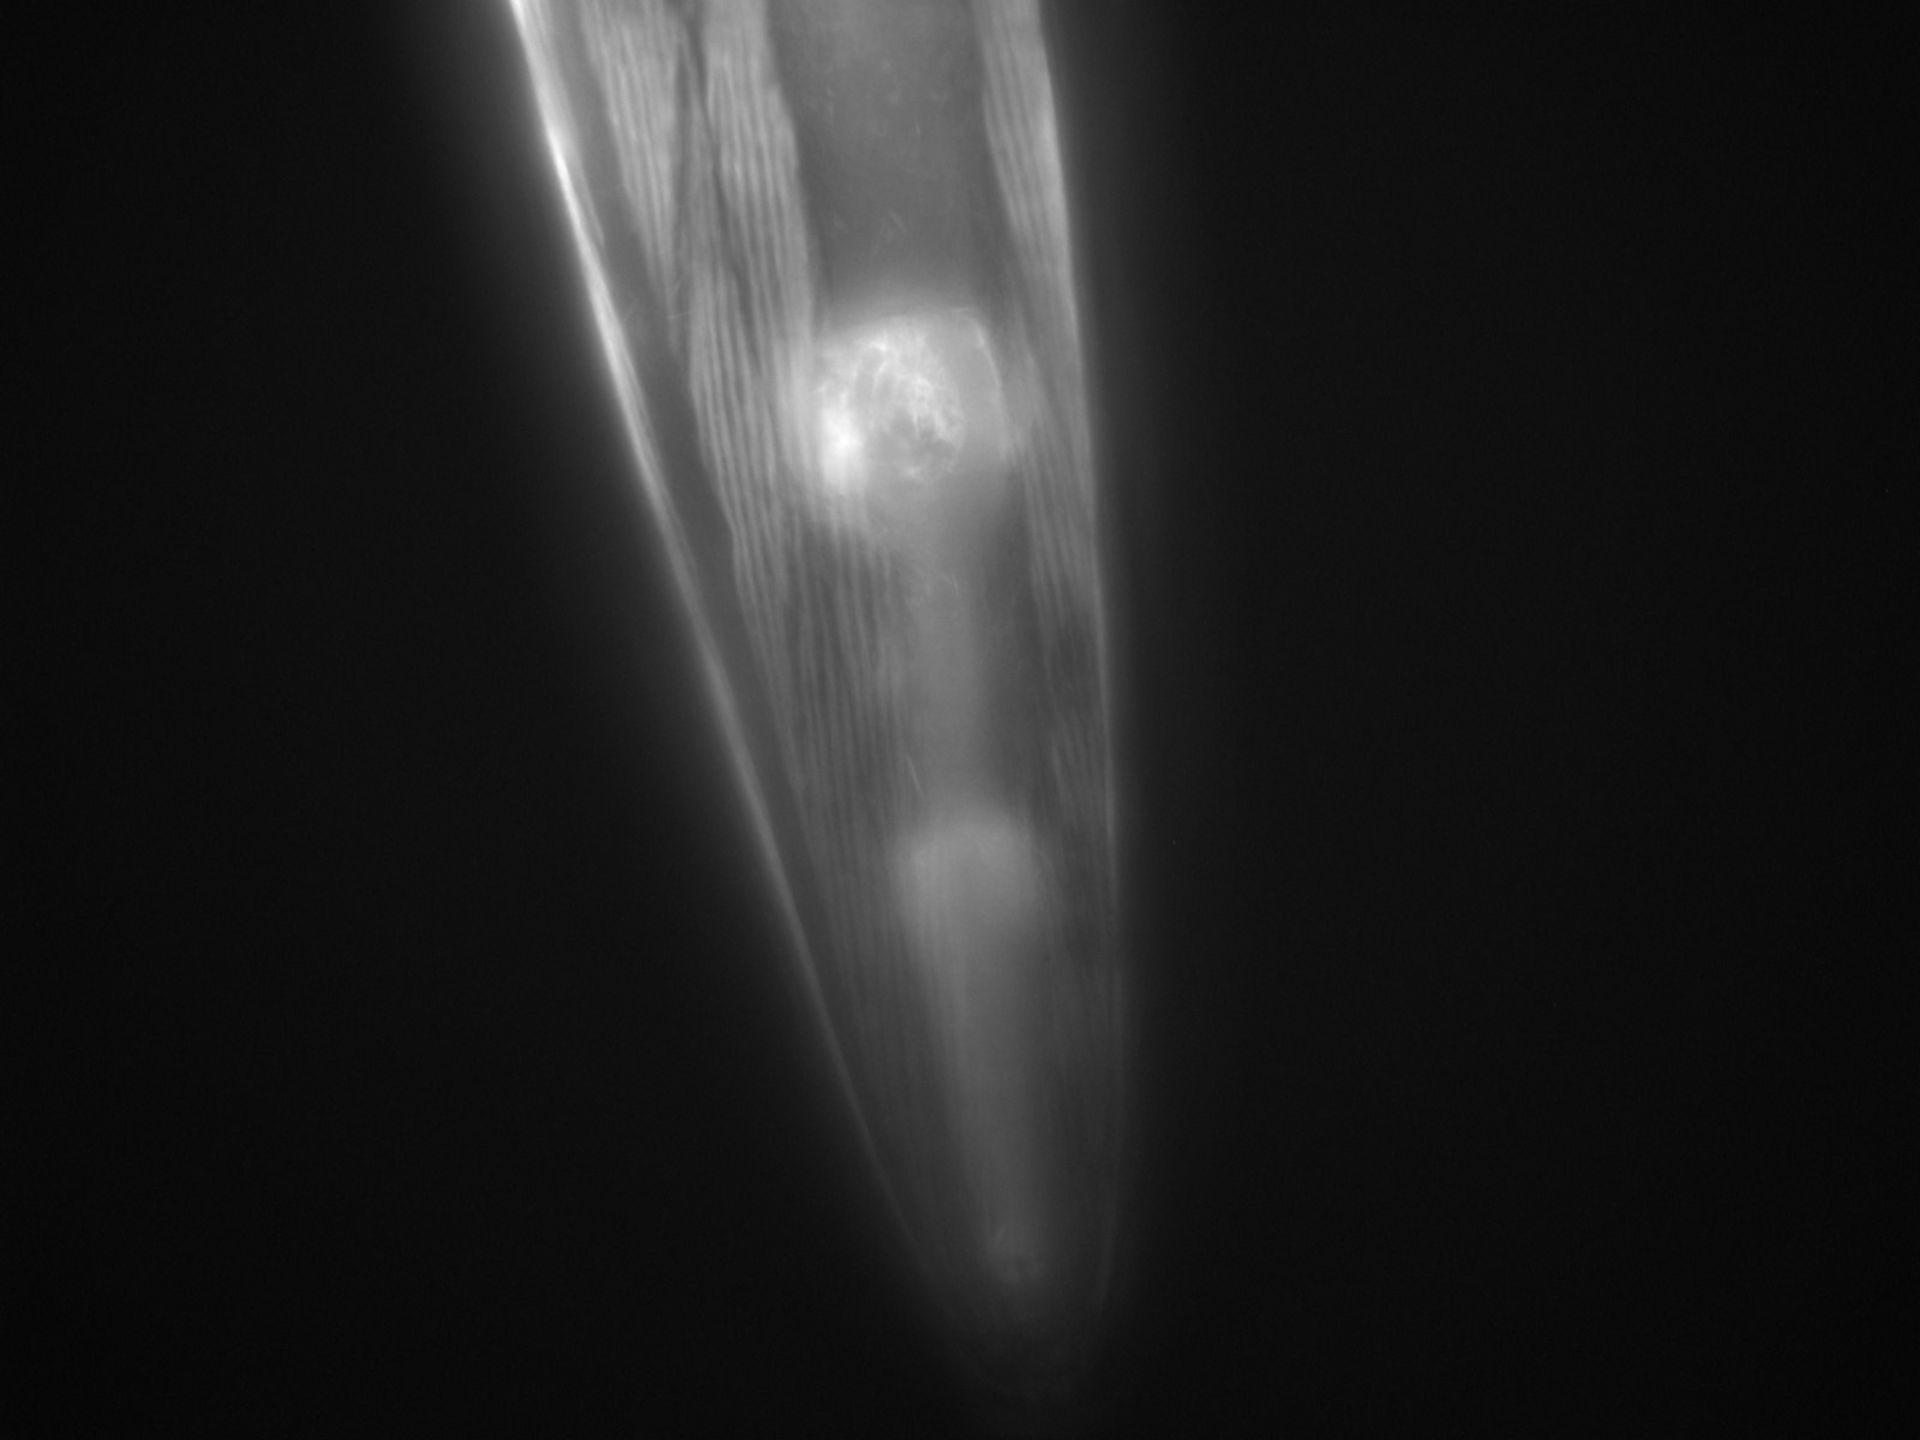 Caenorhabditis elegans (Actin filament) - CIL:1268